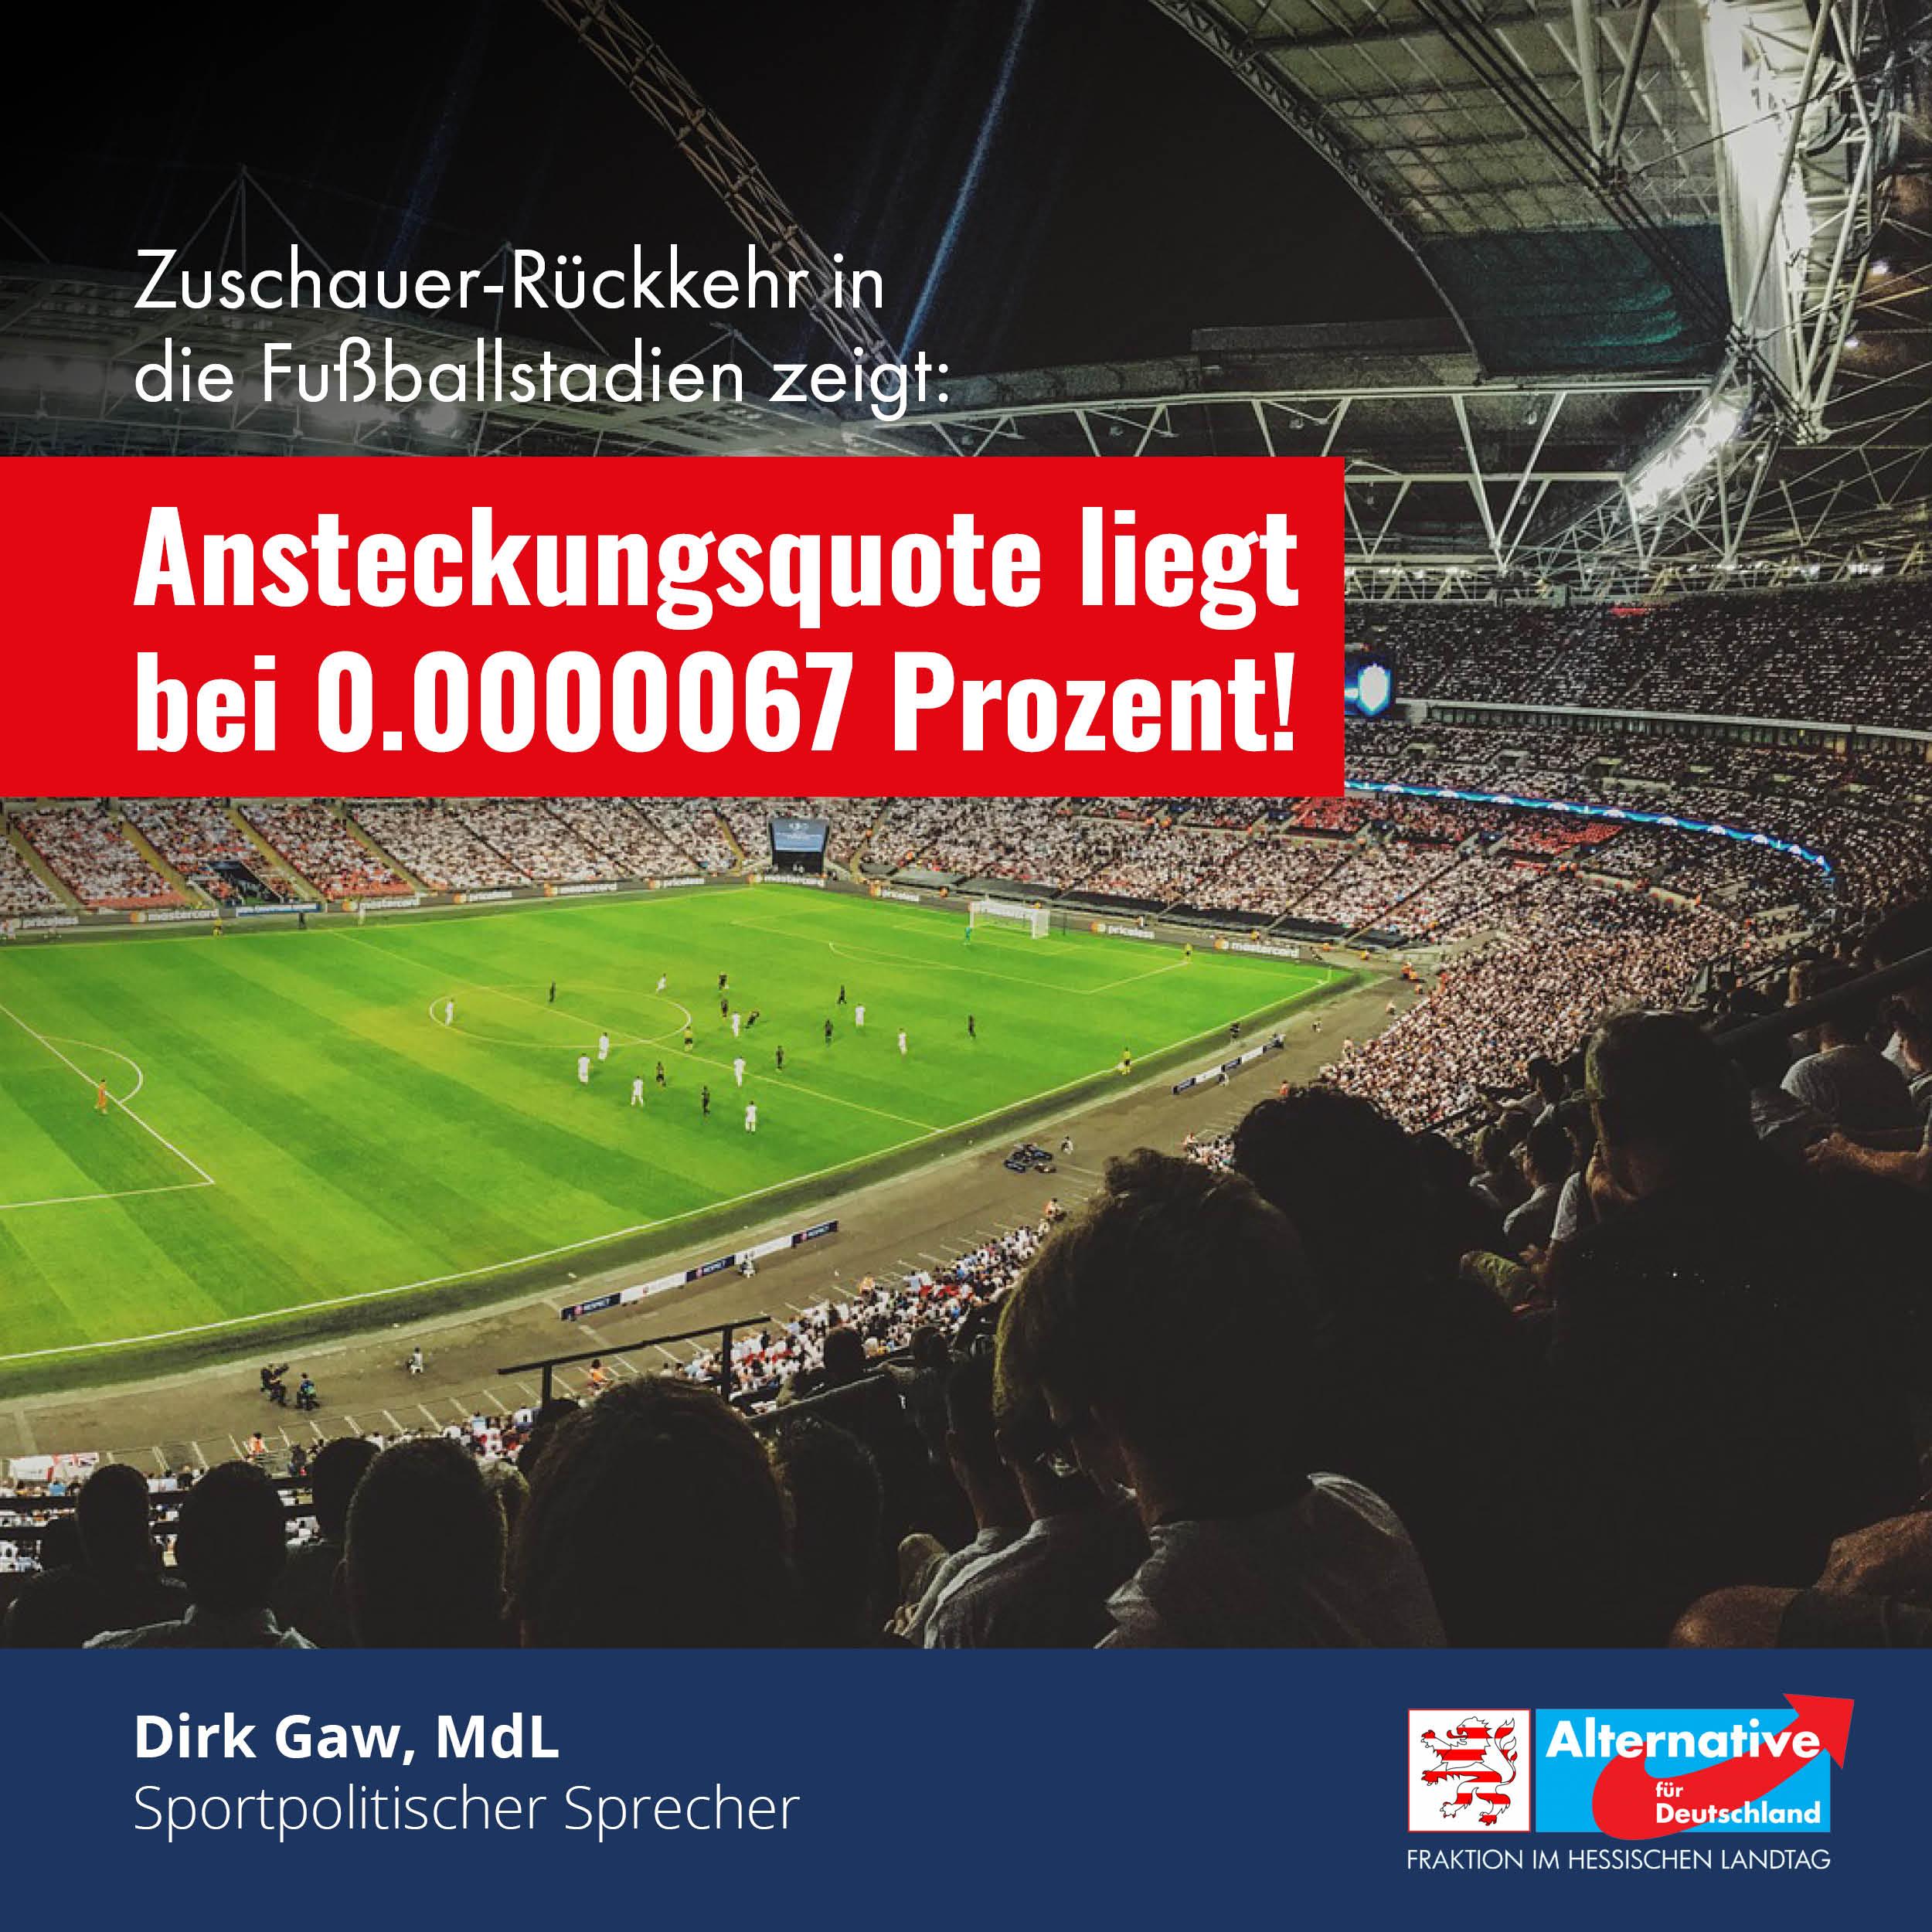 Read more about the article Zuschauer-Rückkehr in die Fußballstadien zeigt: Ansteckungsquote liegt bei 0.0000067 Prozent!